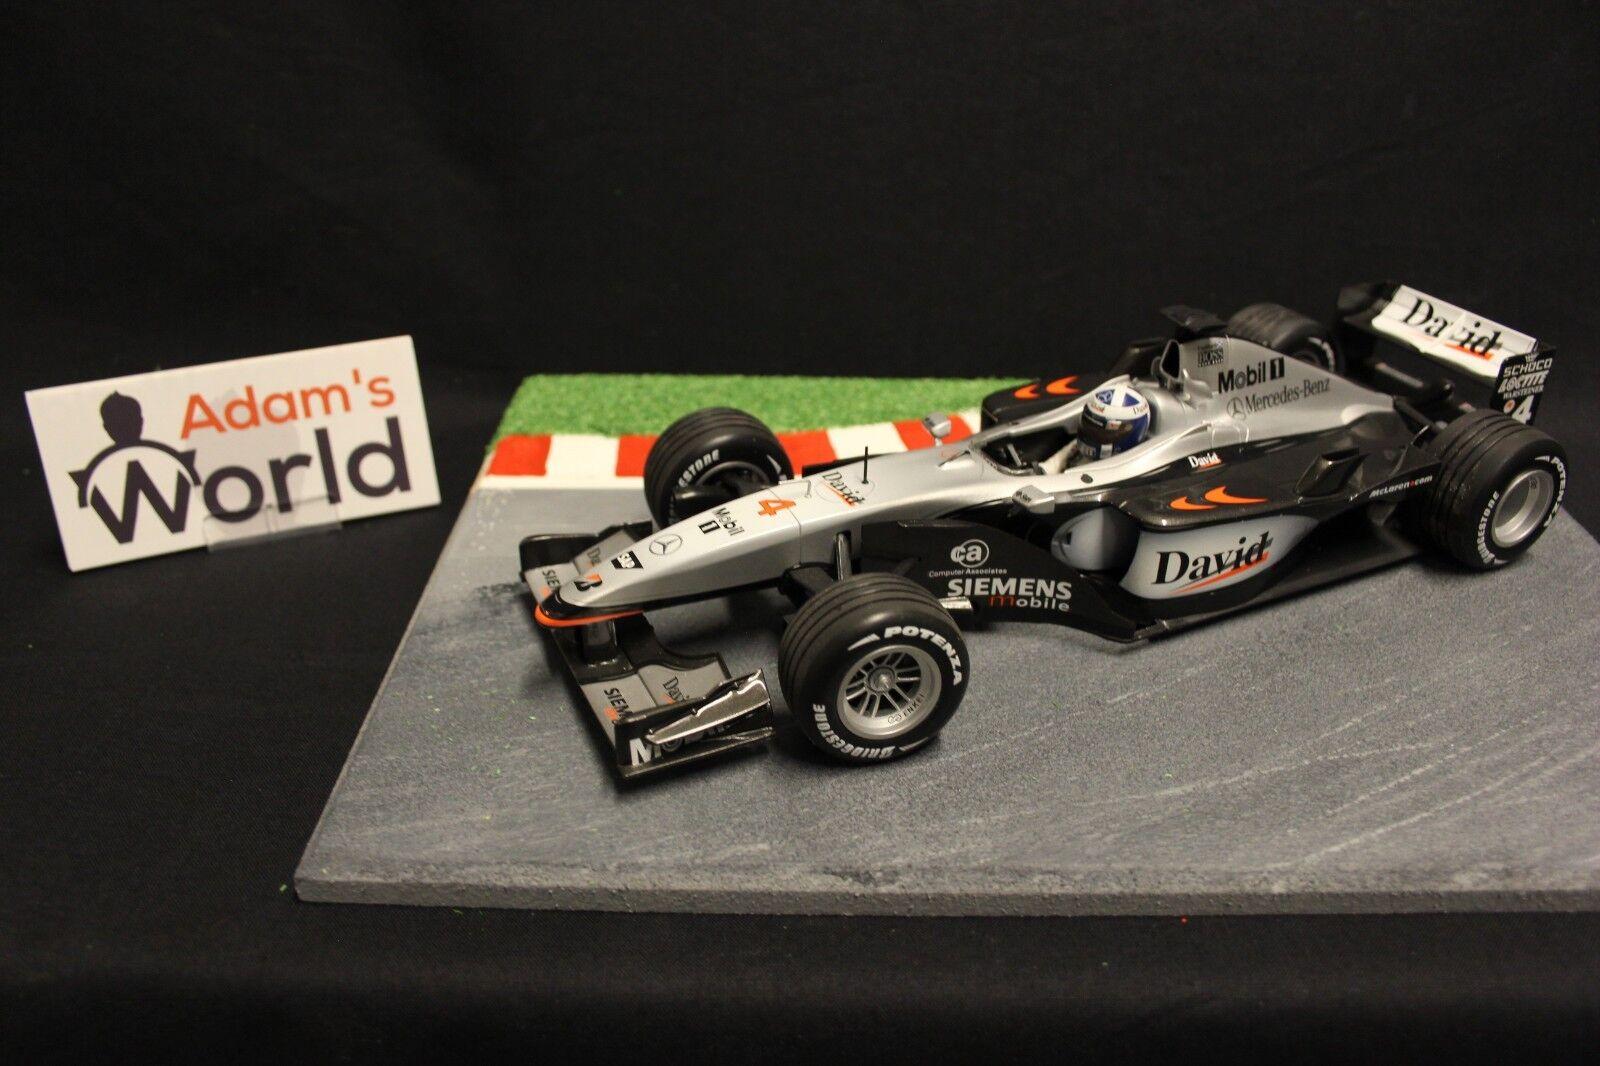 precios mas bajos Minichamps McLaren Mercedes MP4-16 2001 1 18  4 David David David Coulthard (GBR) (F1NB)  bajo precio del 40%